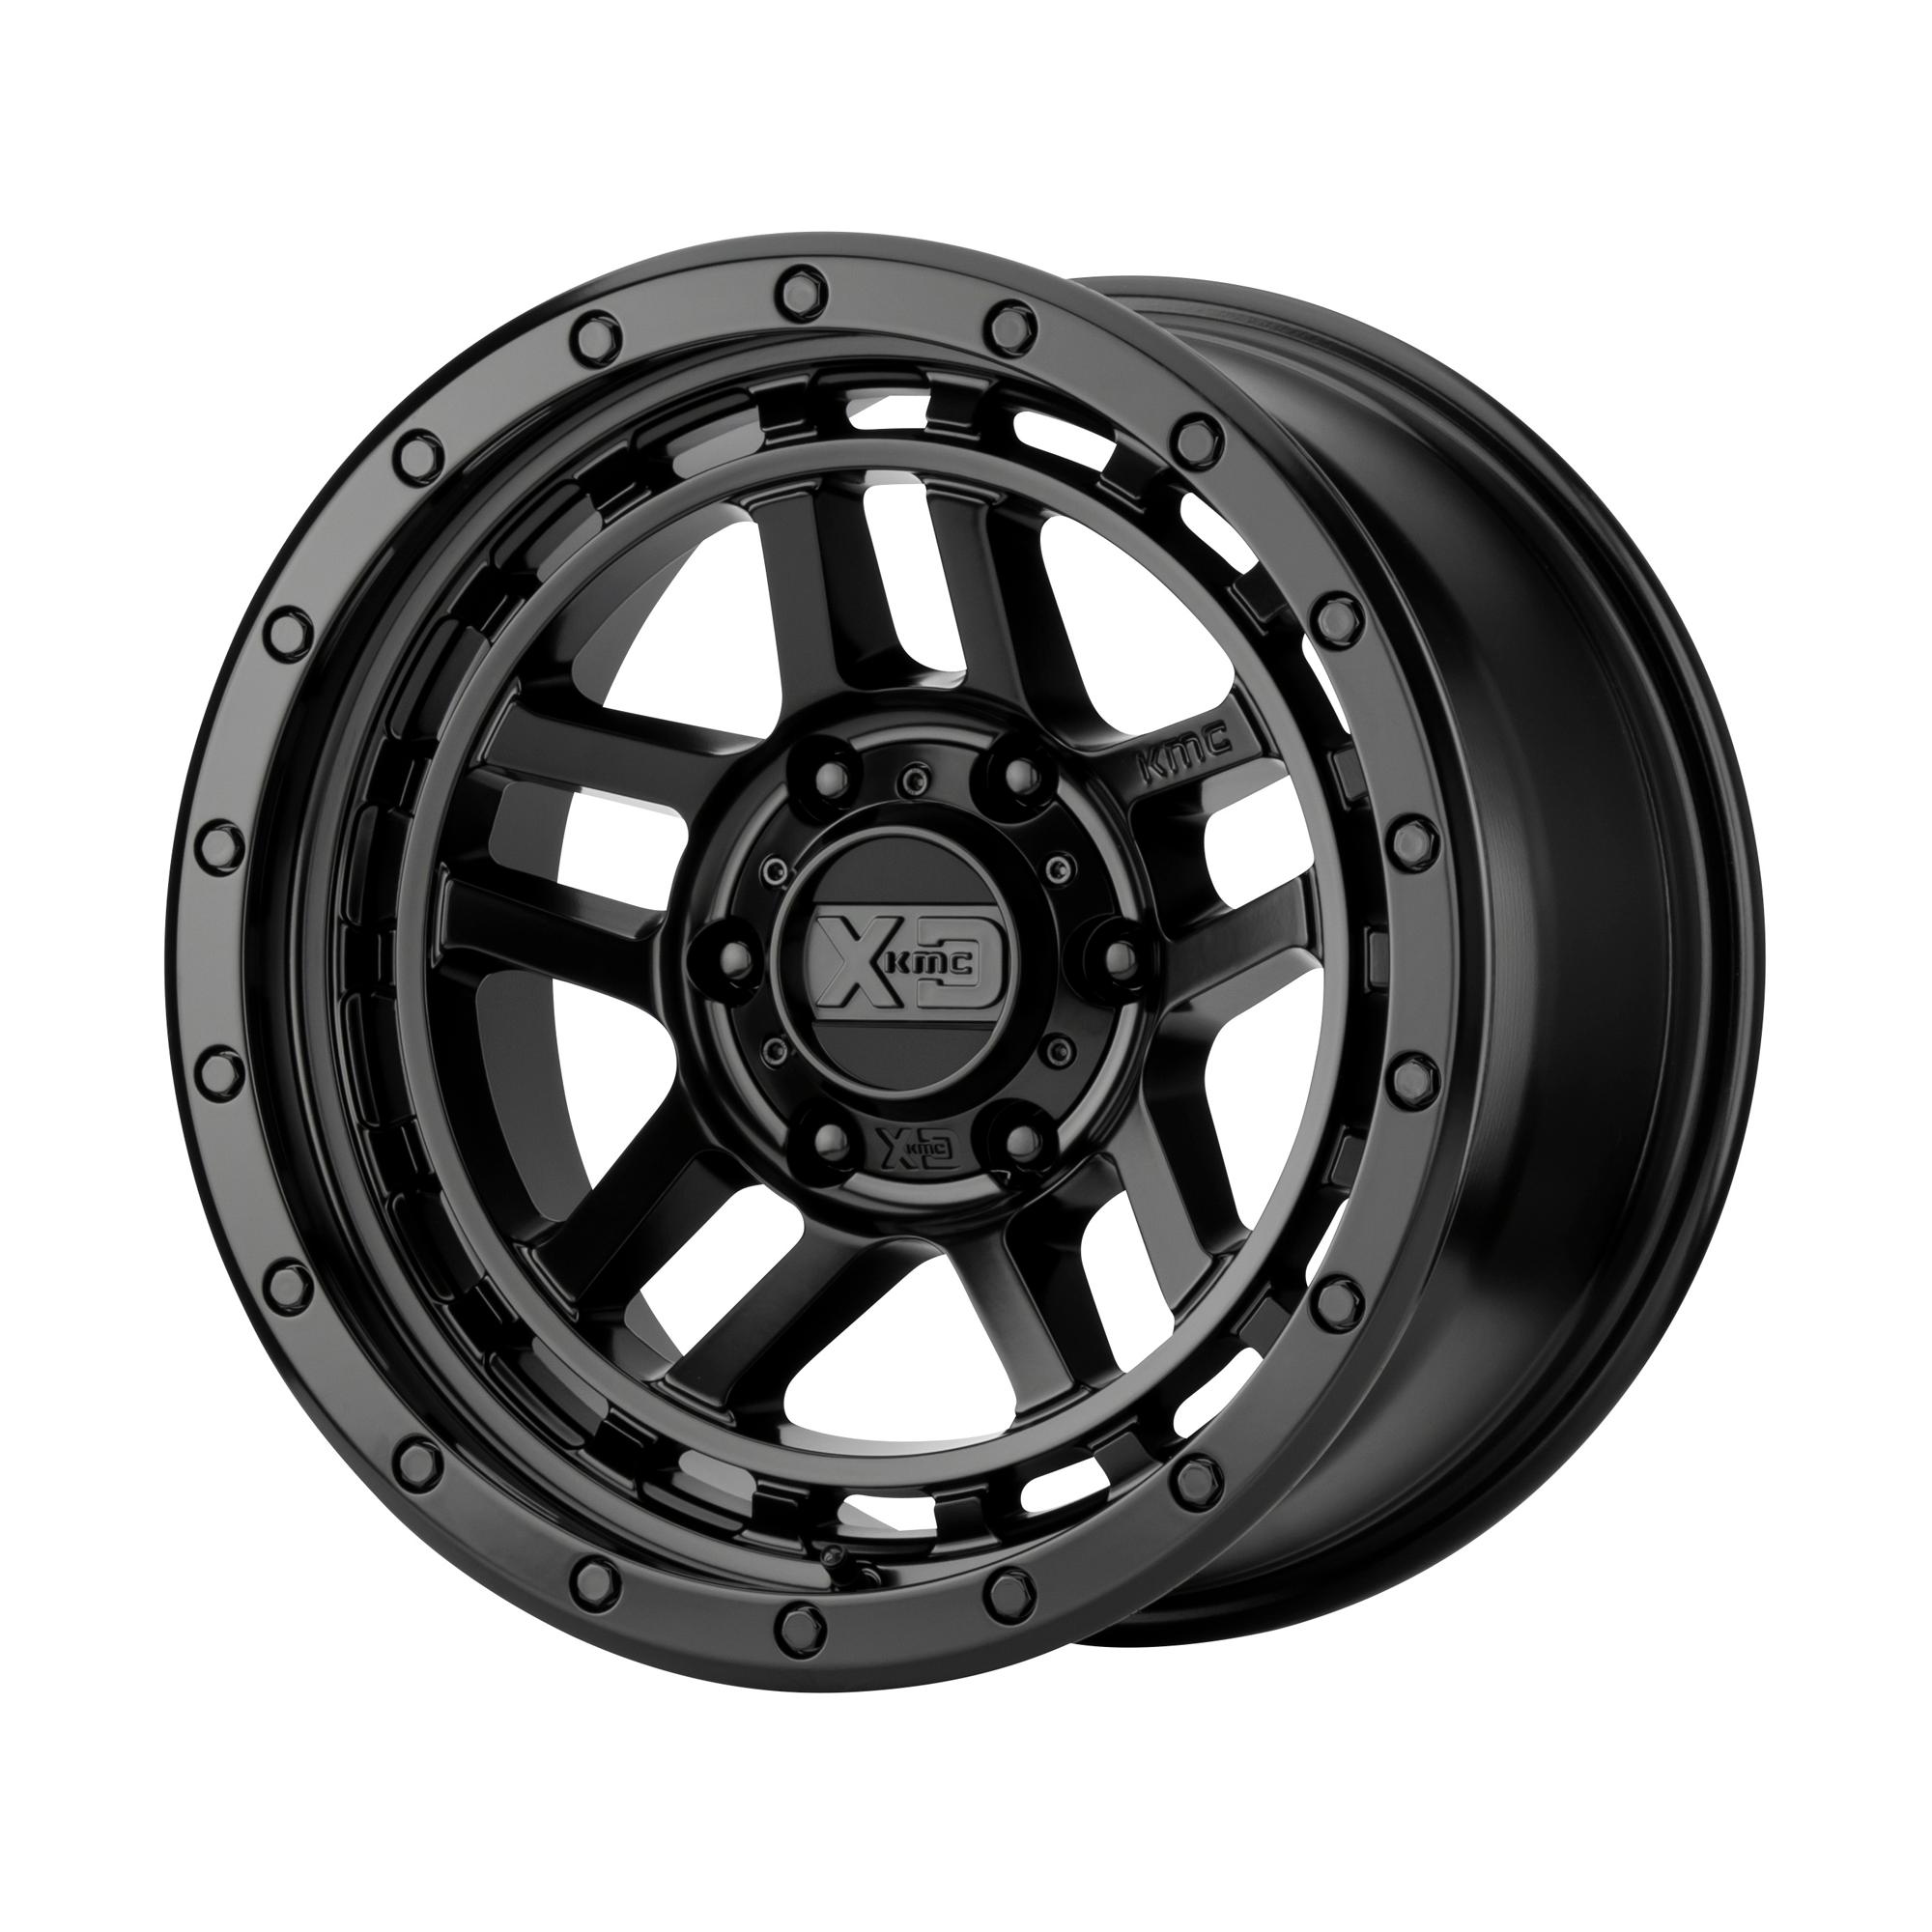 XD SERIES XD140 RECON hliníkové disky 8,5x18 6x114,3 ET18 Satin Black